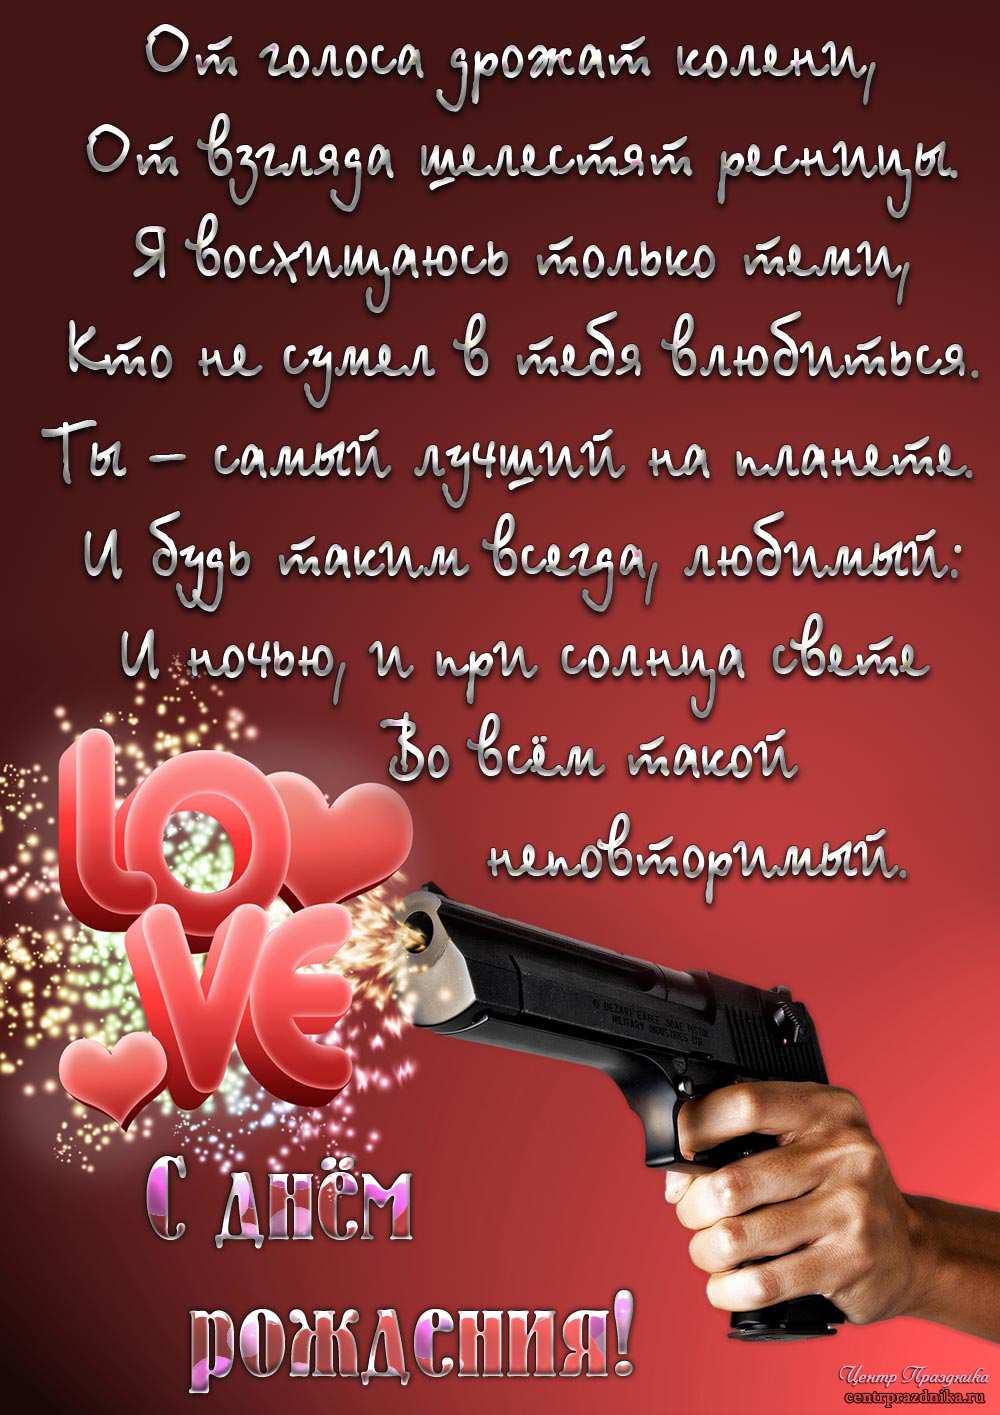 Изображение - Открытка поздравление любимой с днем рождения Kartinki-s-dnem-rozhdeniya-lyubimyj-15